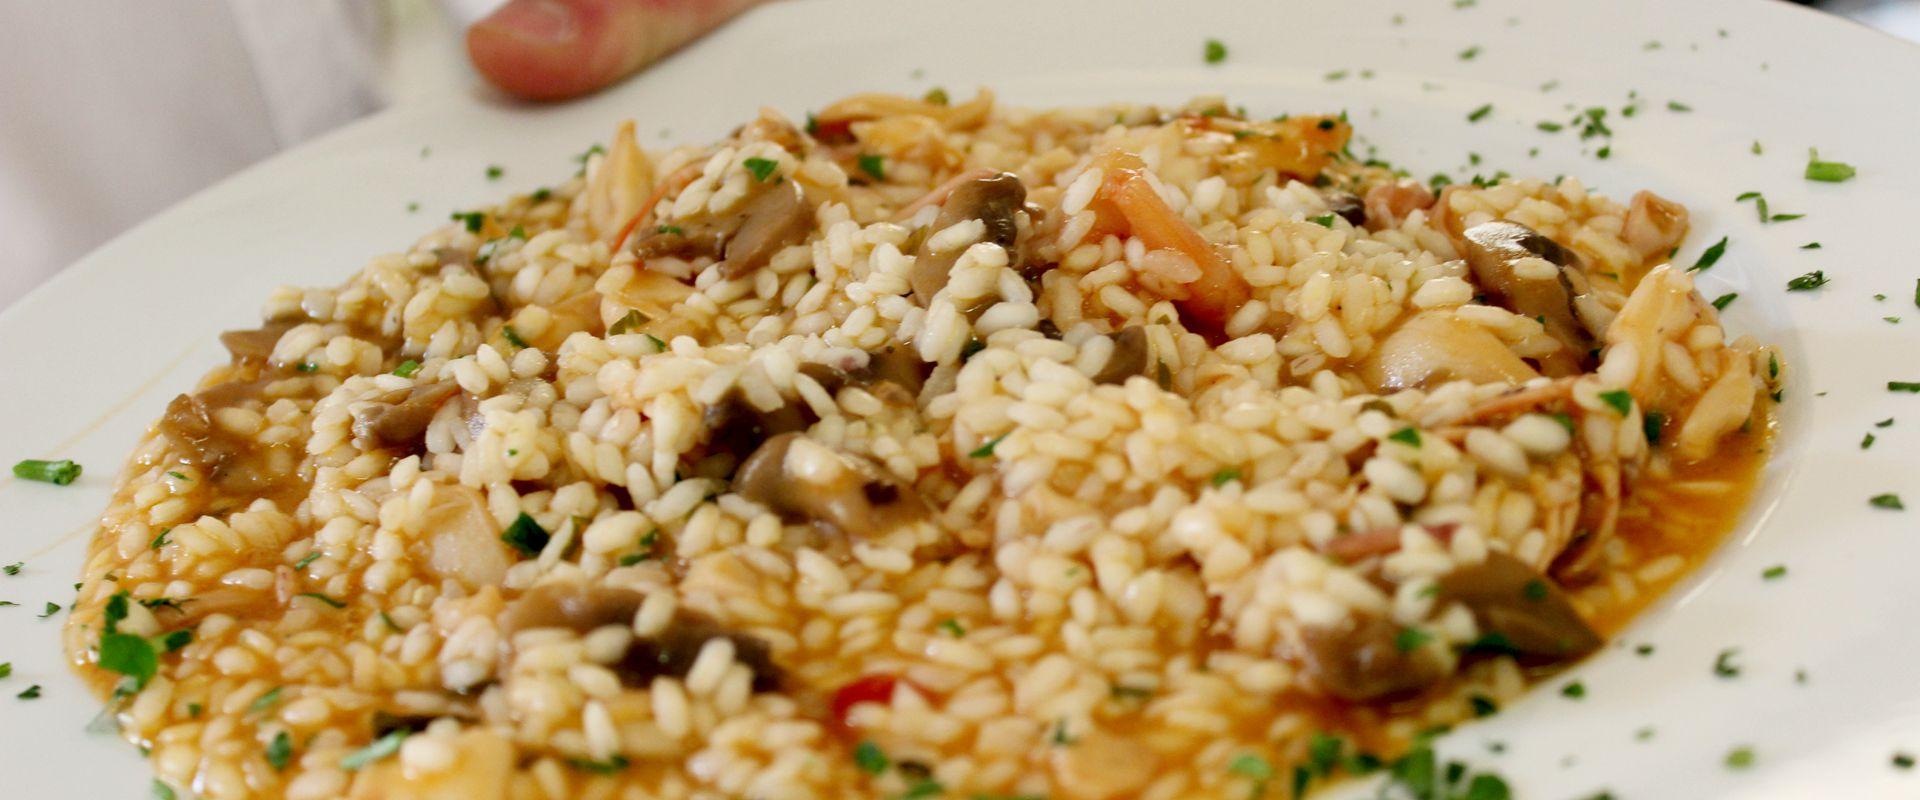 Risotto al pesce | Ristorante Olimpo - Brescia